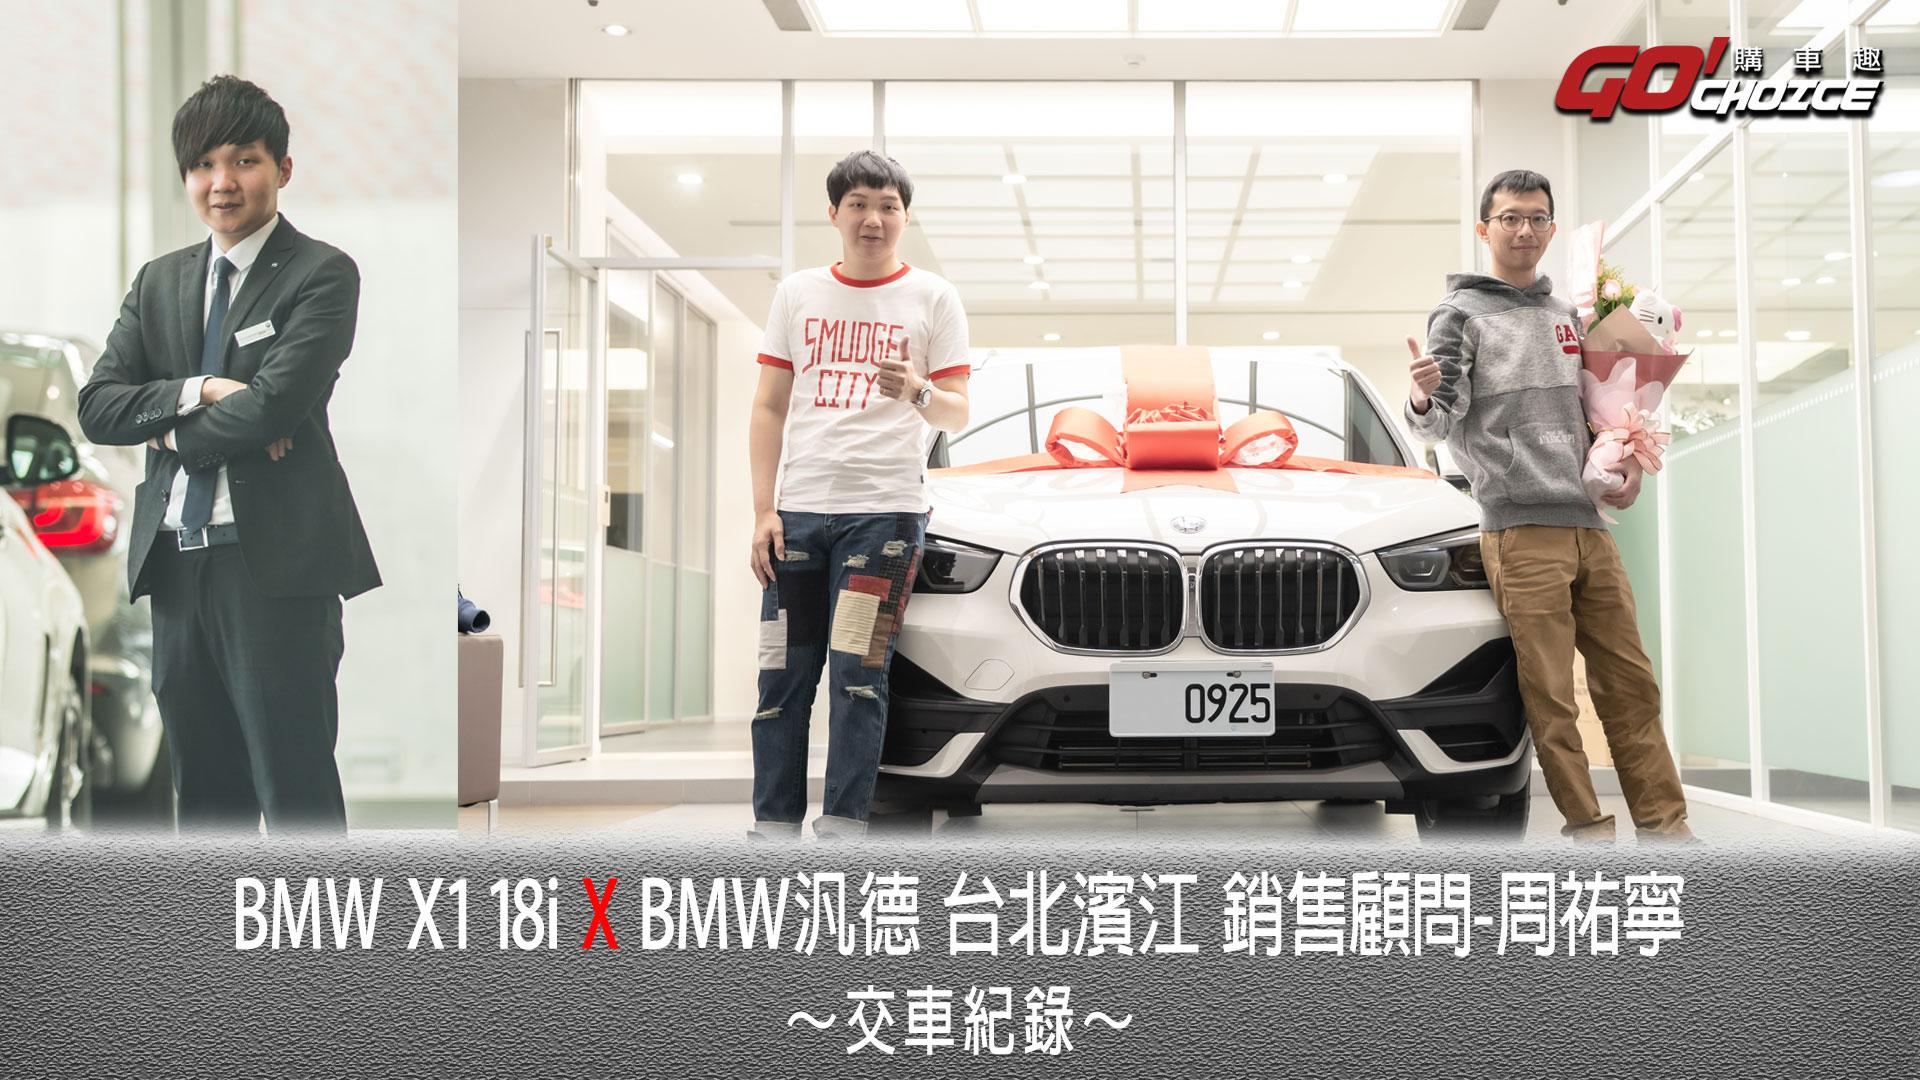 交車紀錄影片-BMW X1 18i_BMW台北濱江 銷售顧問-周祐寧(JJ)